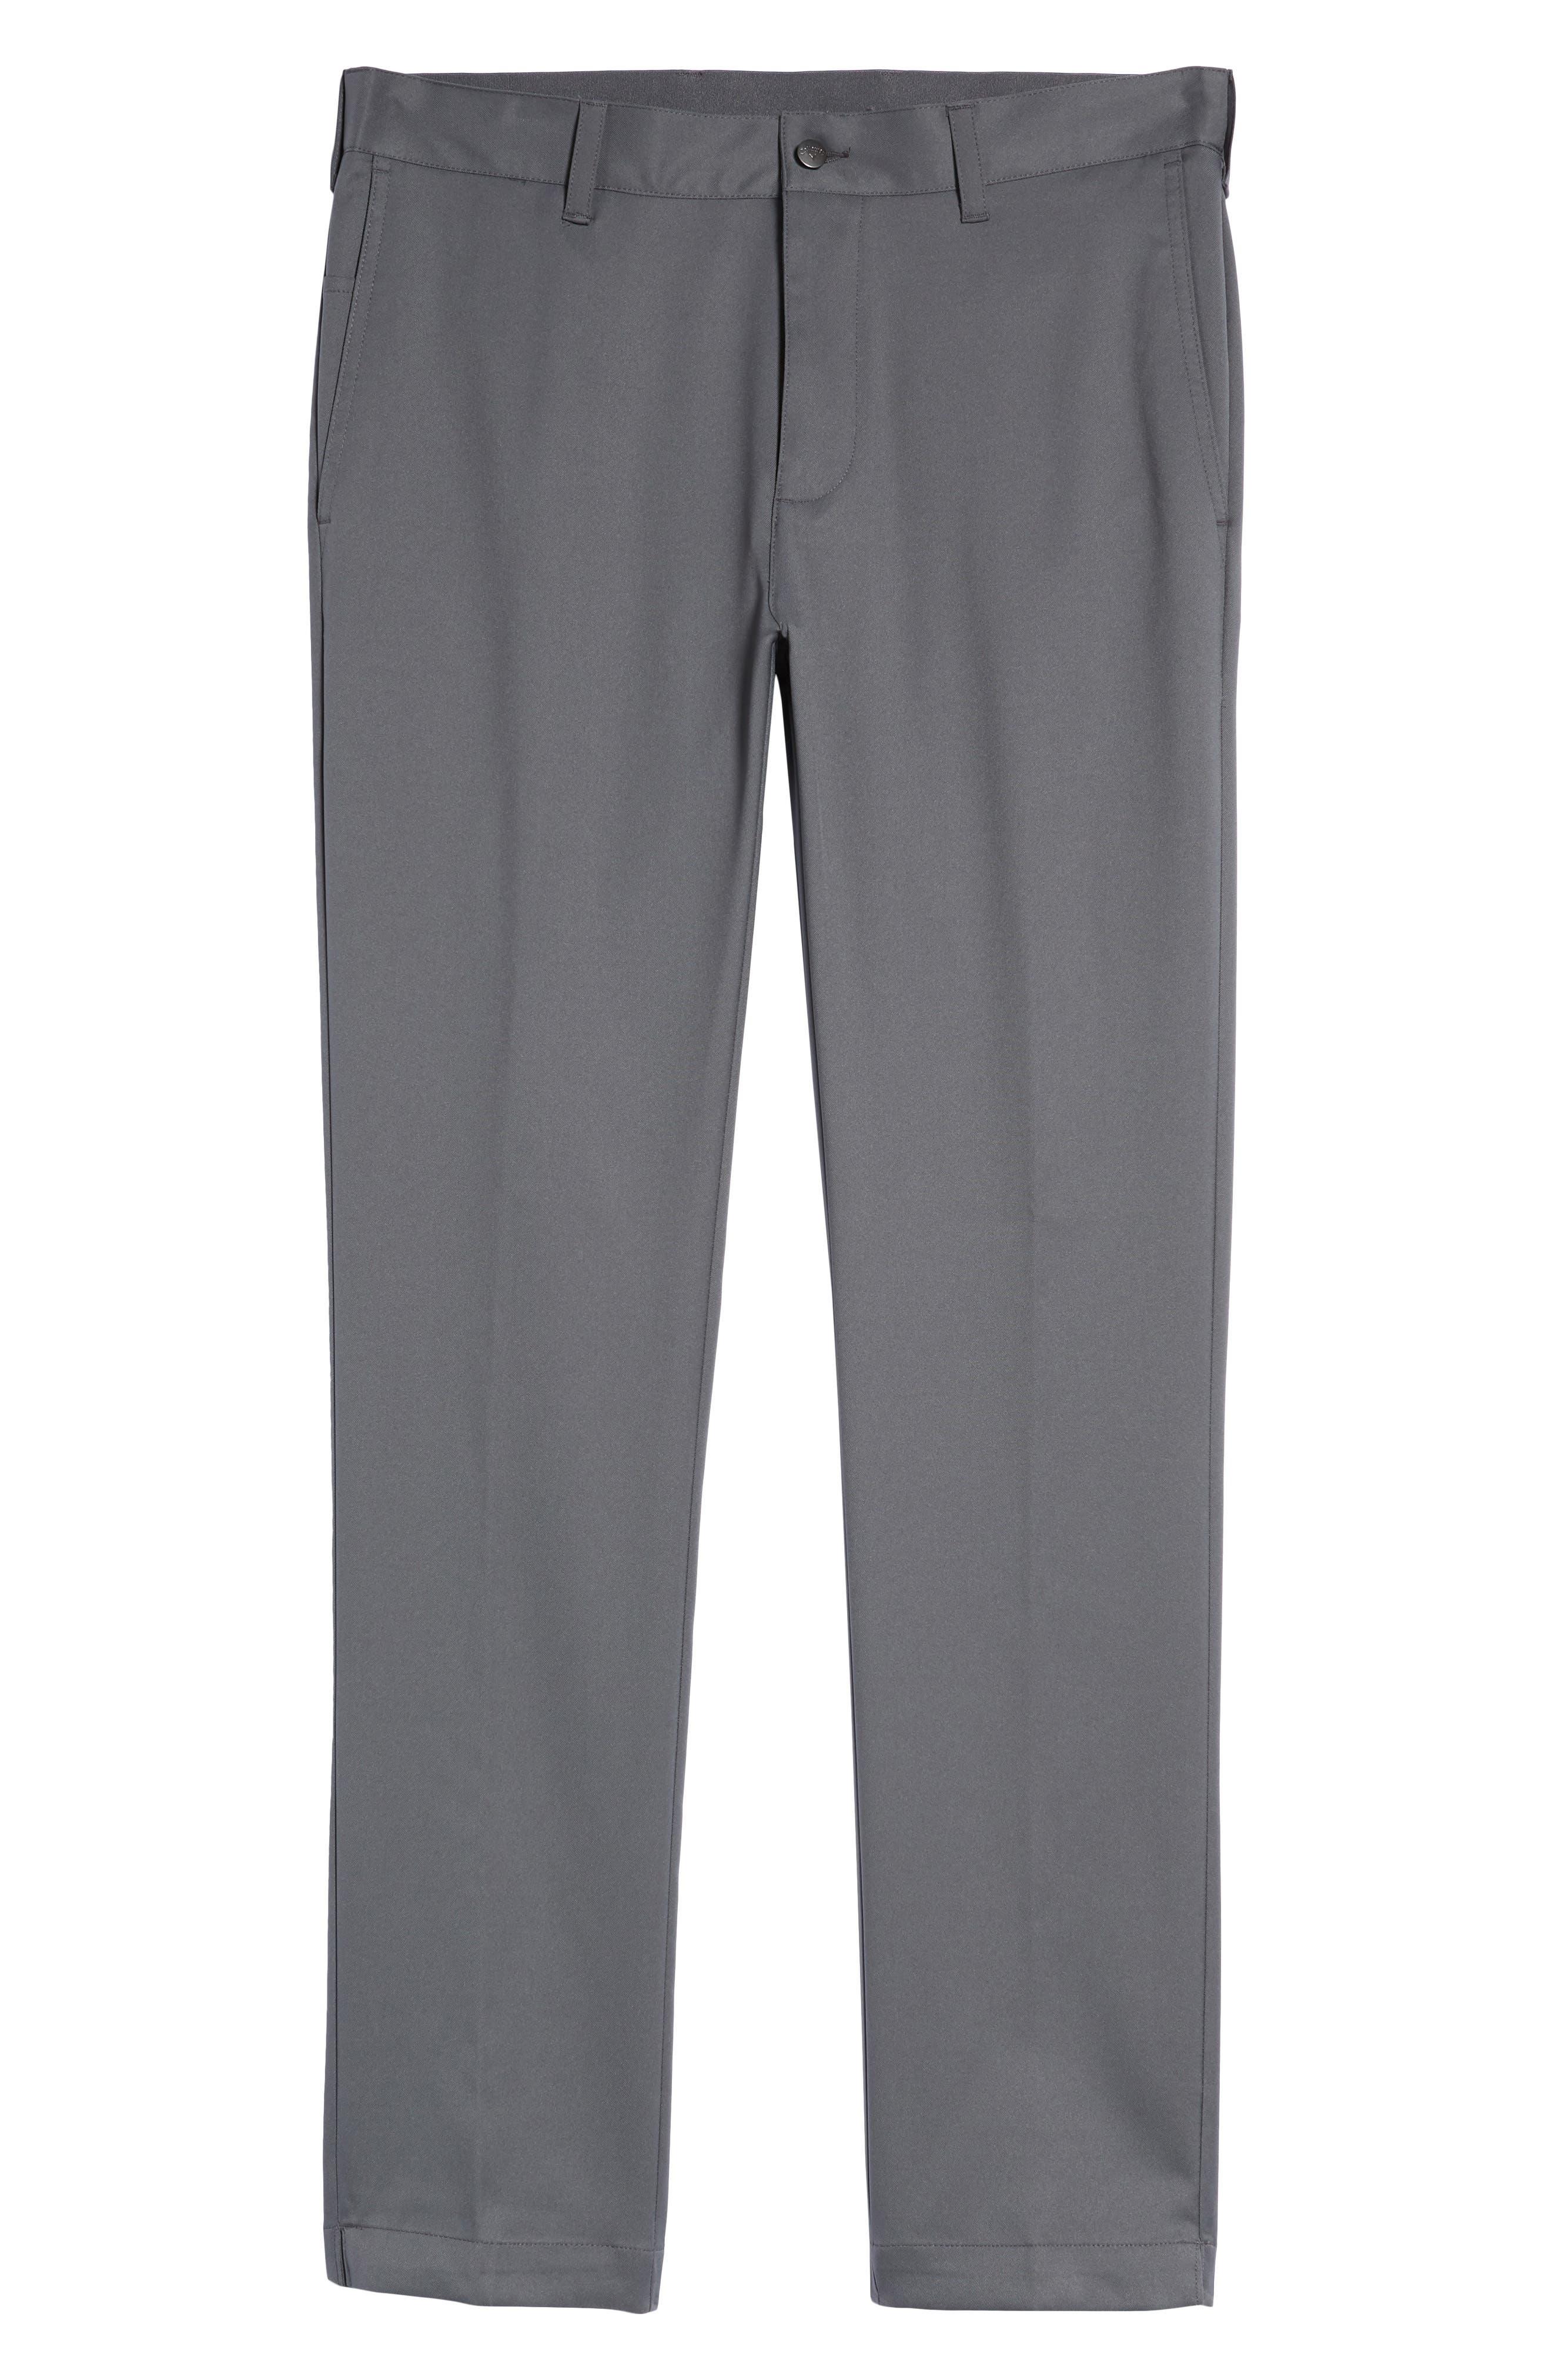 Tech Slim Fit Pants,                             Alternate thumbnail 17, color,